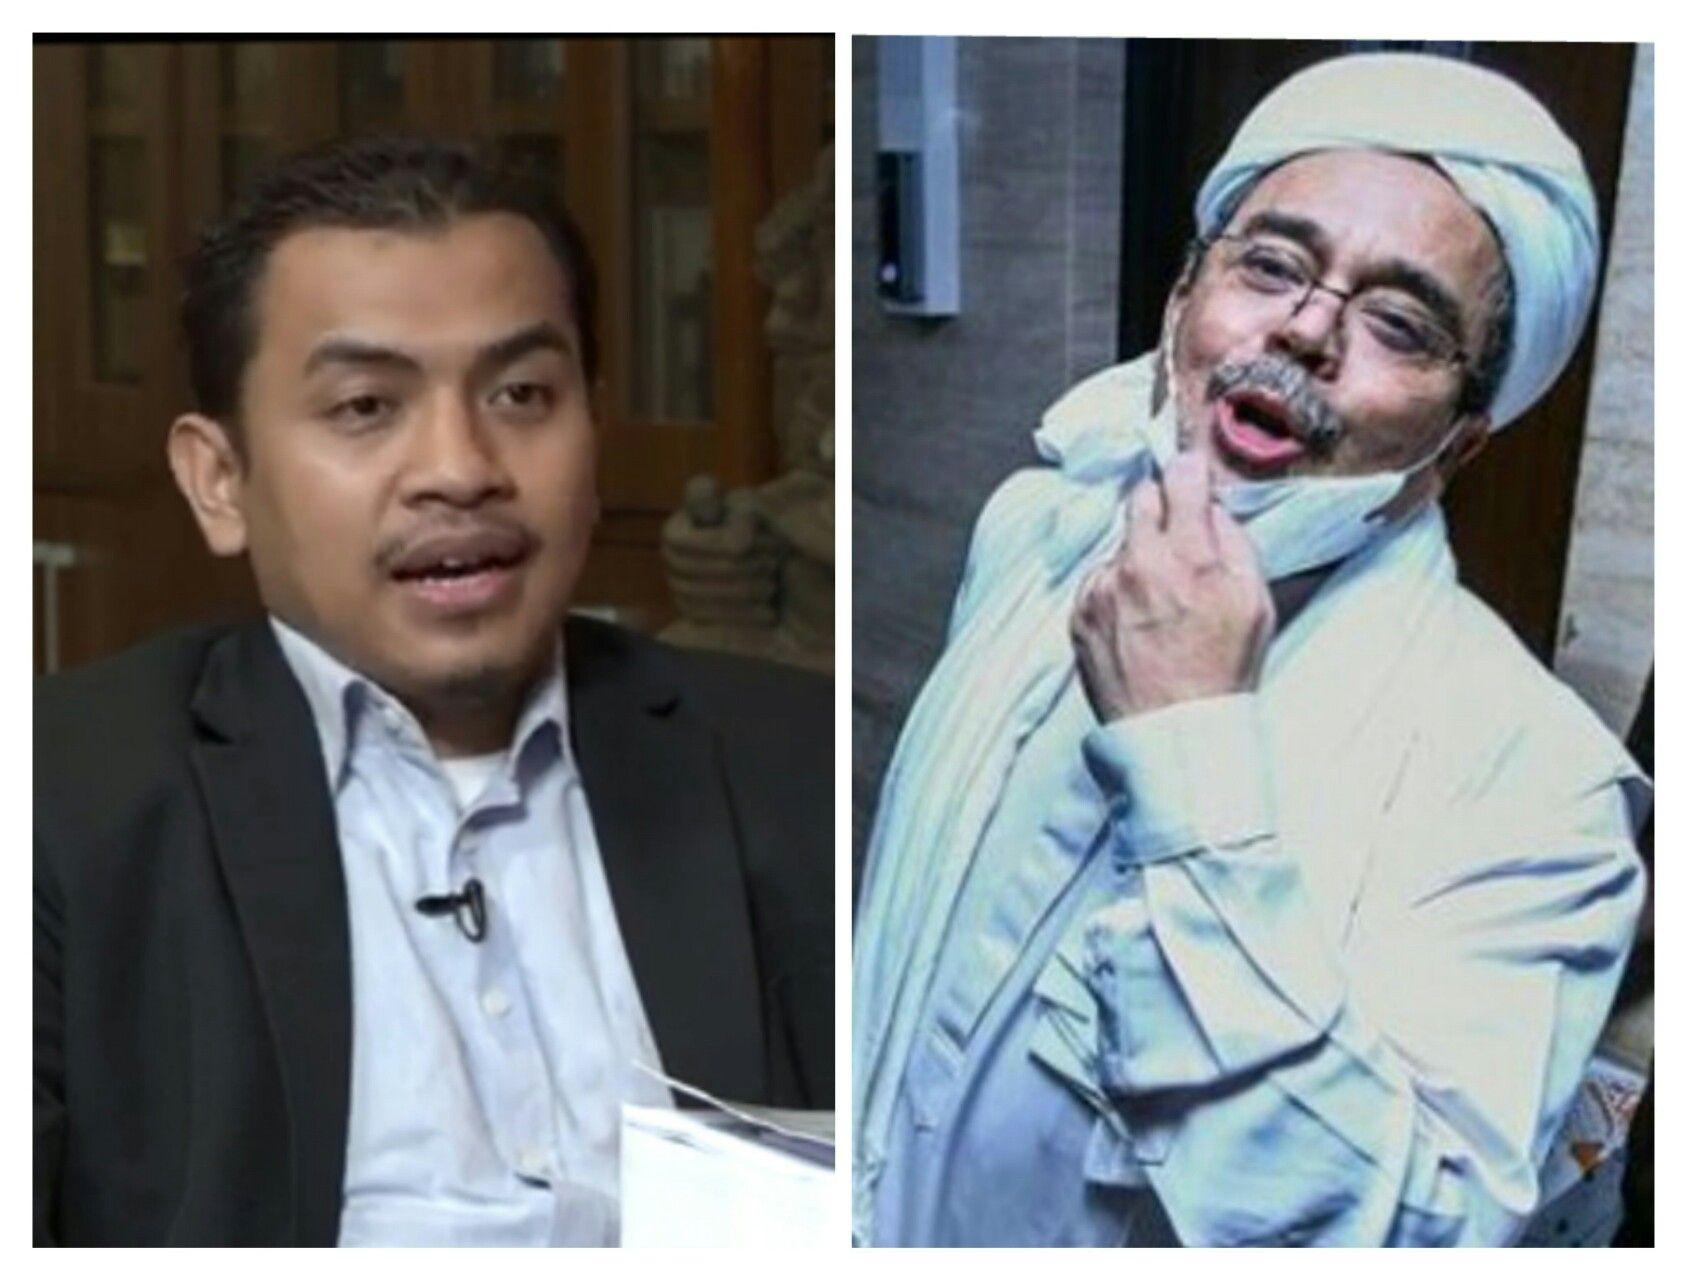 Aziz Yanuar Jelaskan Perbedaan 'Front Persaudaraan Islam' dengan 'Front Pembela Islam', Simak Penjelasannya